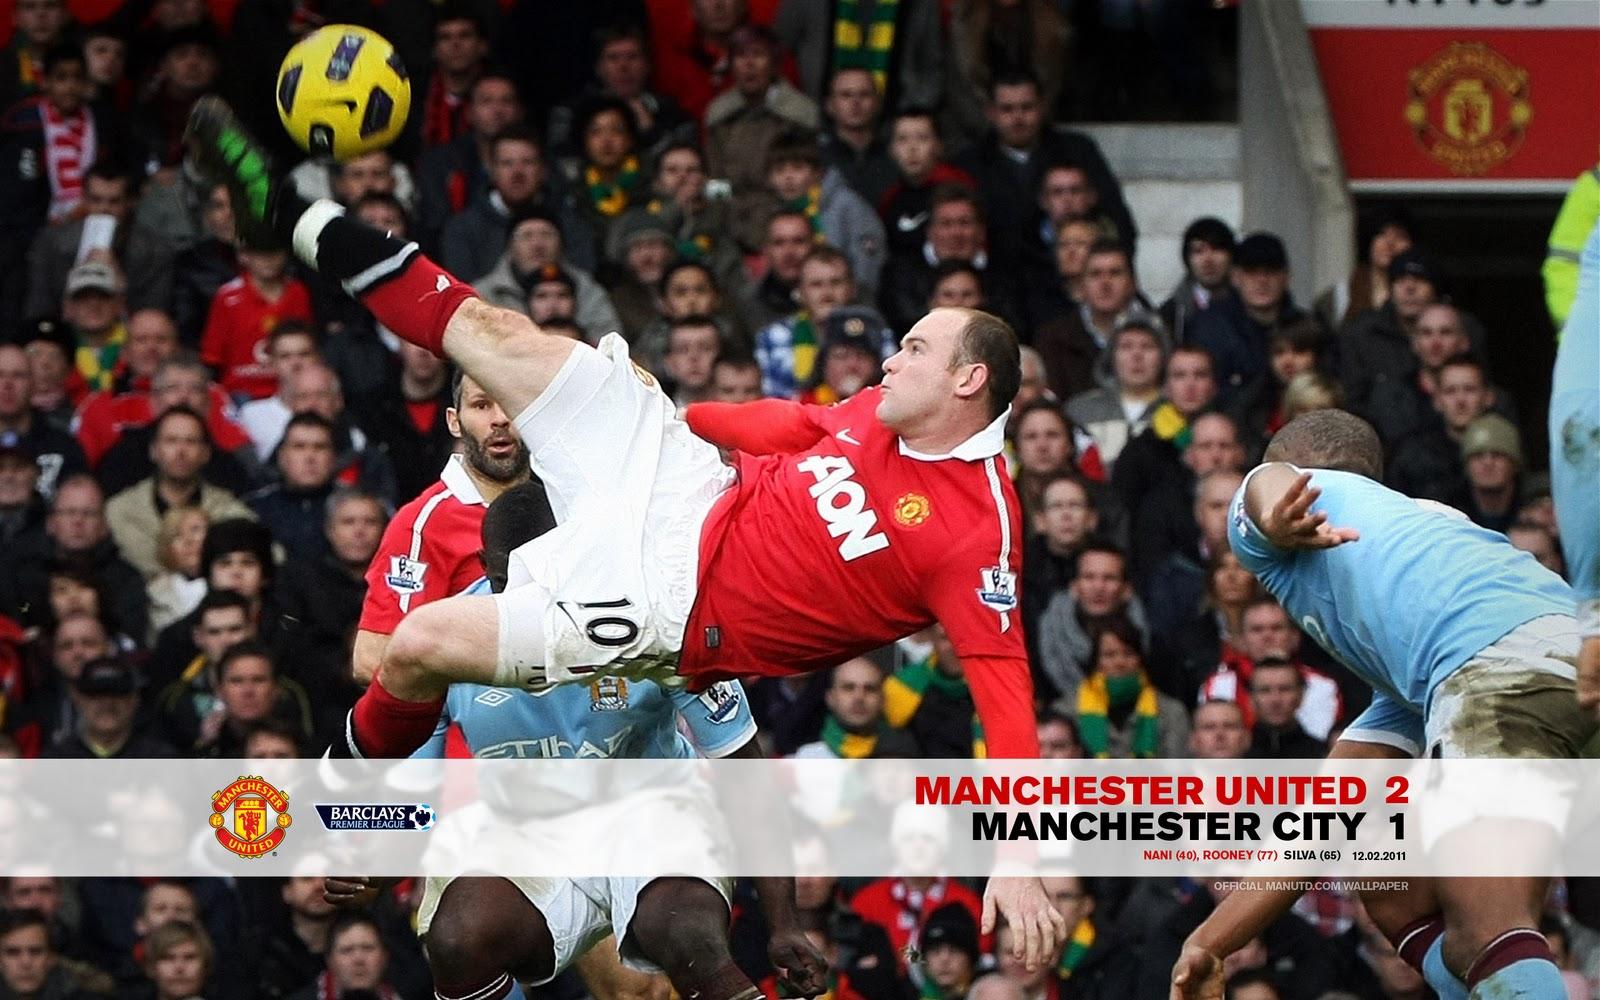 O atacante inglês foi escolhido na frente de nomes como Eric Cantona, Ruud van Nistelrooy e Andy Cole.